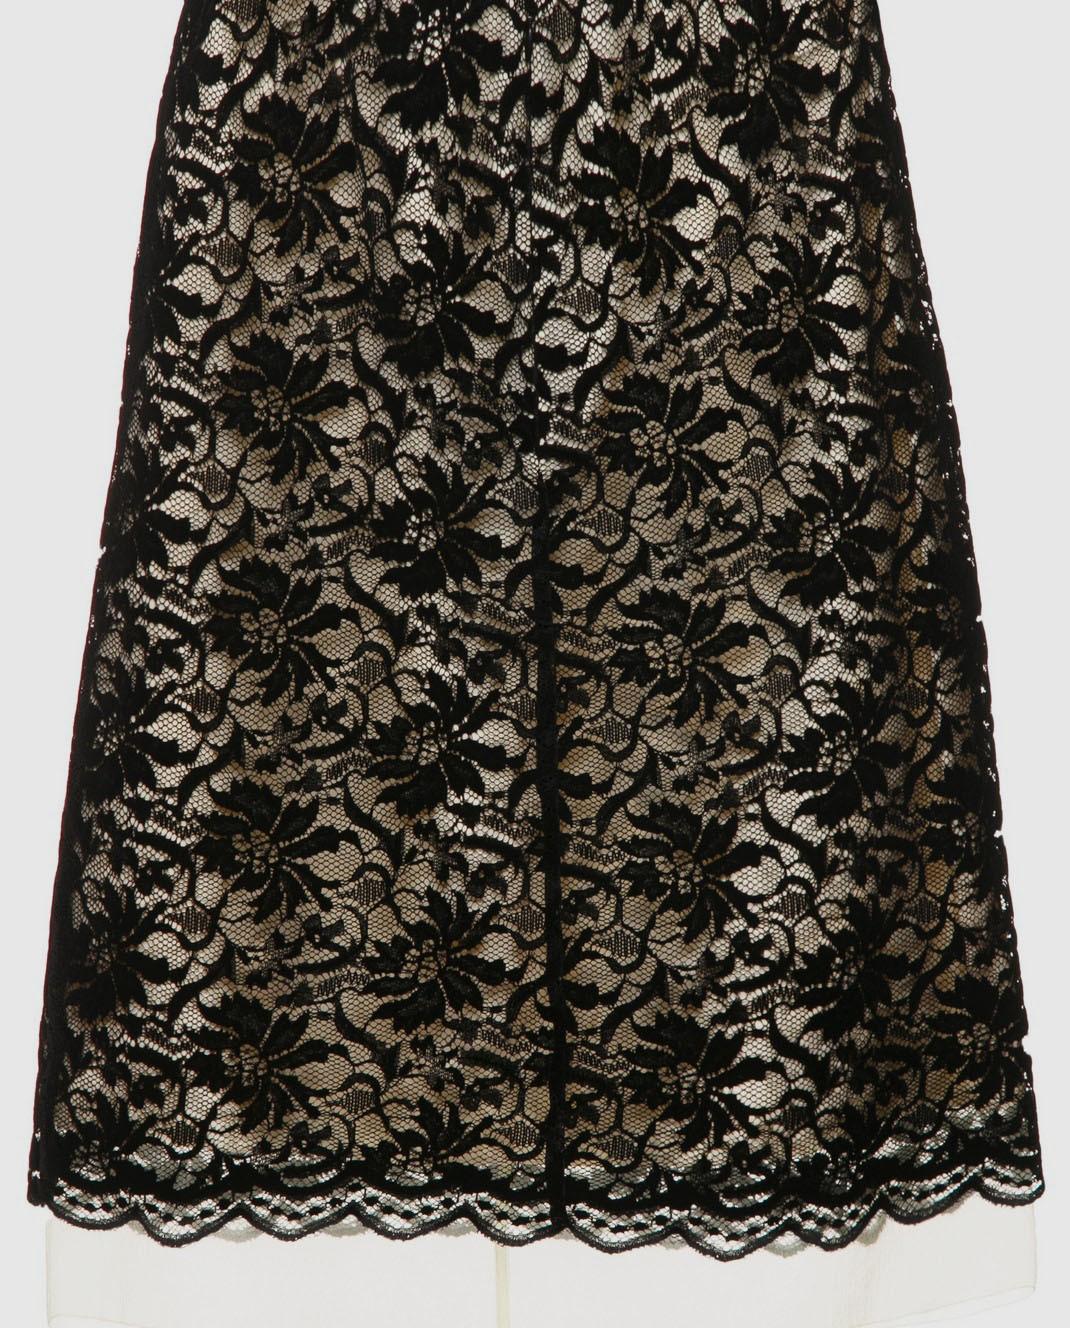 Marc Jacobs Золотистая юбка из кружева M4007156 изображение 2